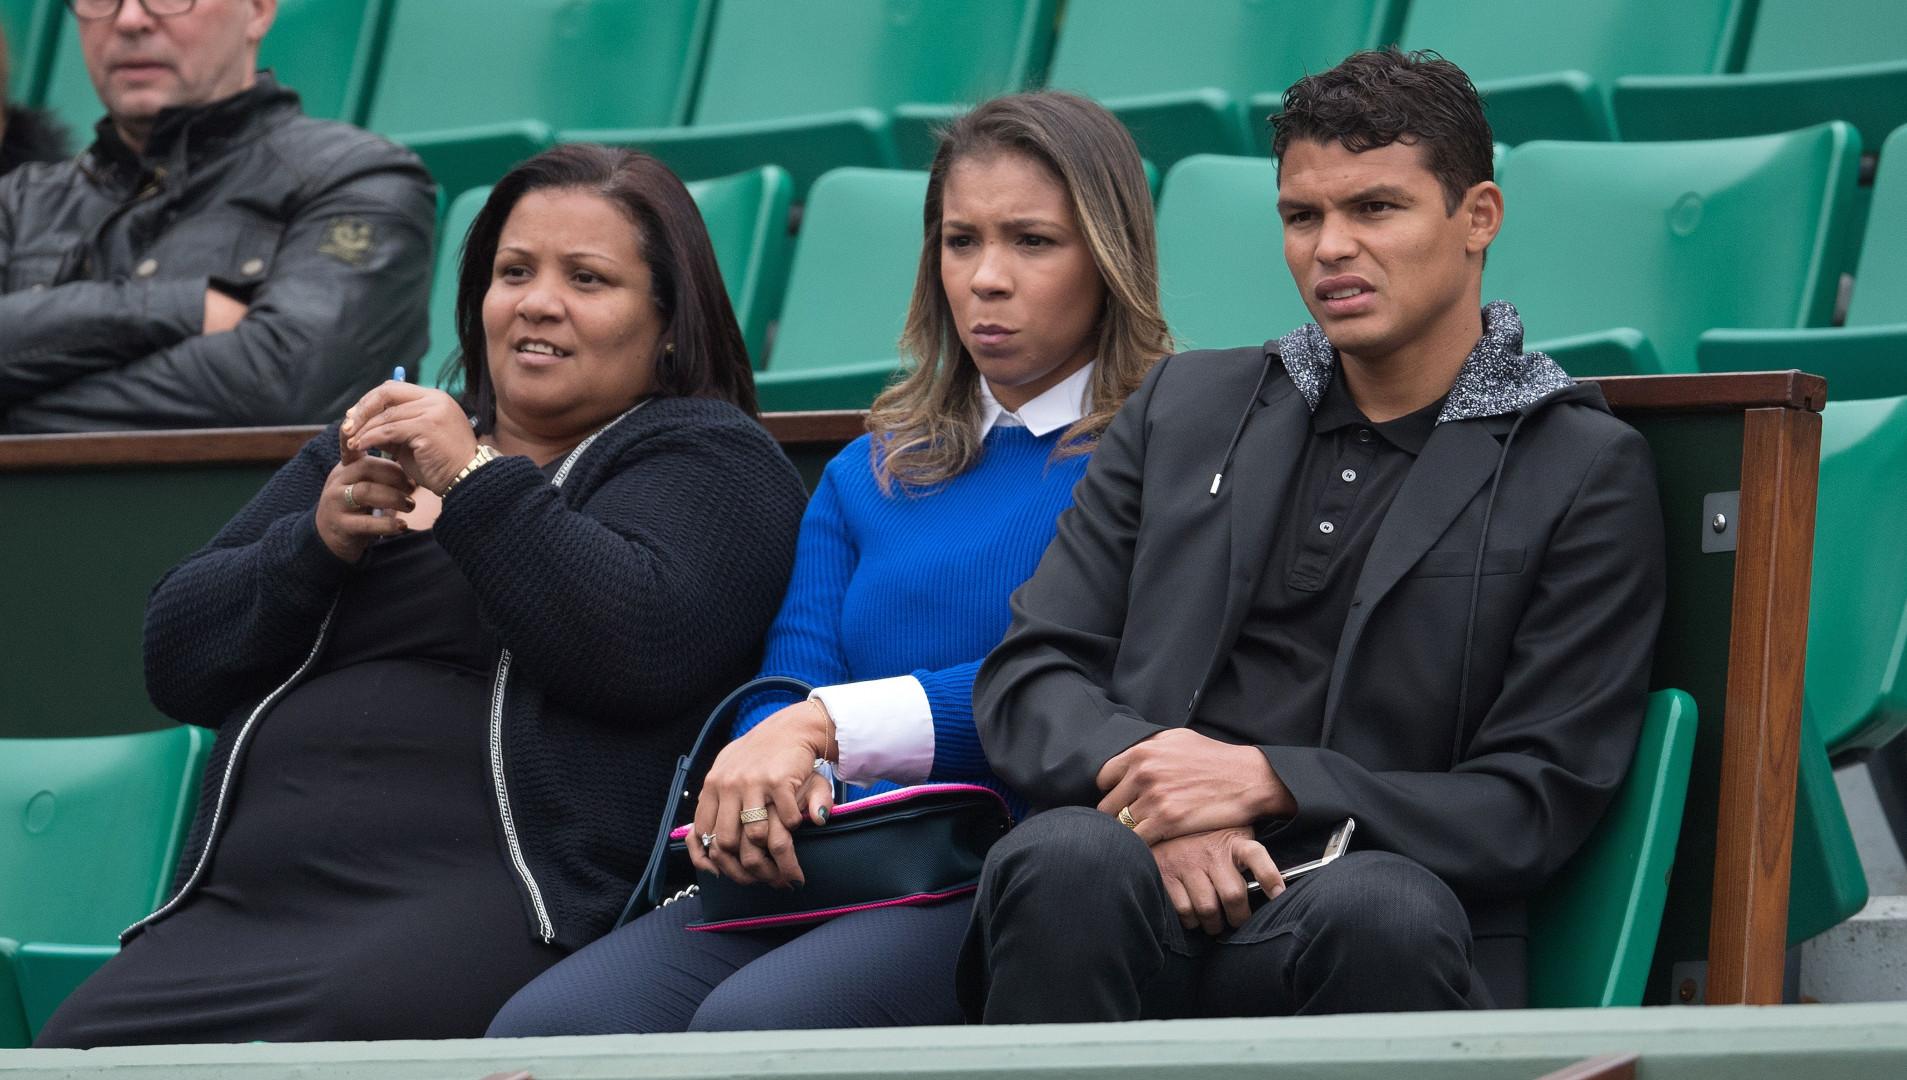 Snobé par la sélection brésilienne, le capitaine du PSG Thiago Silva a profité de ses vacances pour venir à Roland-Garros.